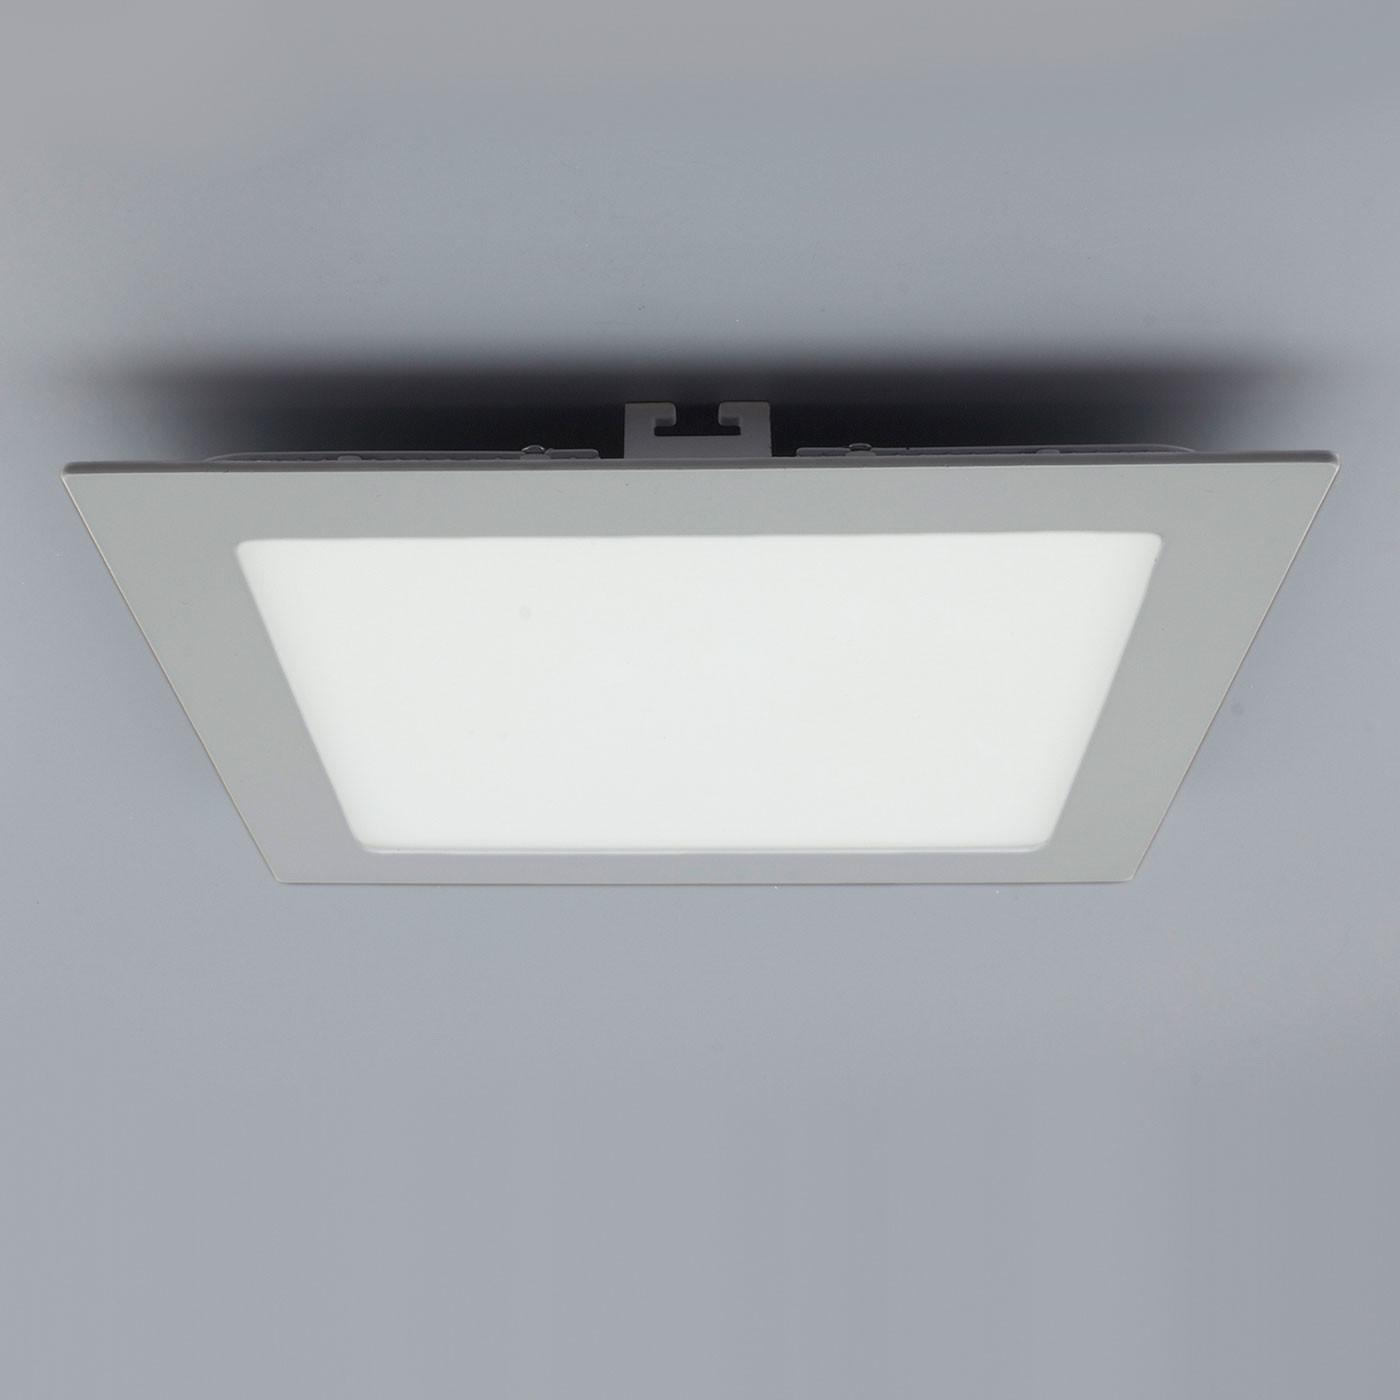 licht design 30564 einbau led panel 1440 lumen 22x22 cm neutral silber kaufen bei licht. Black Bedroom Furniture Sets. Home Design Ideas